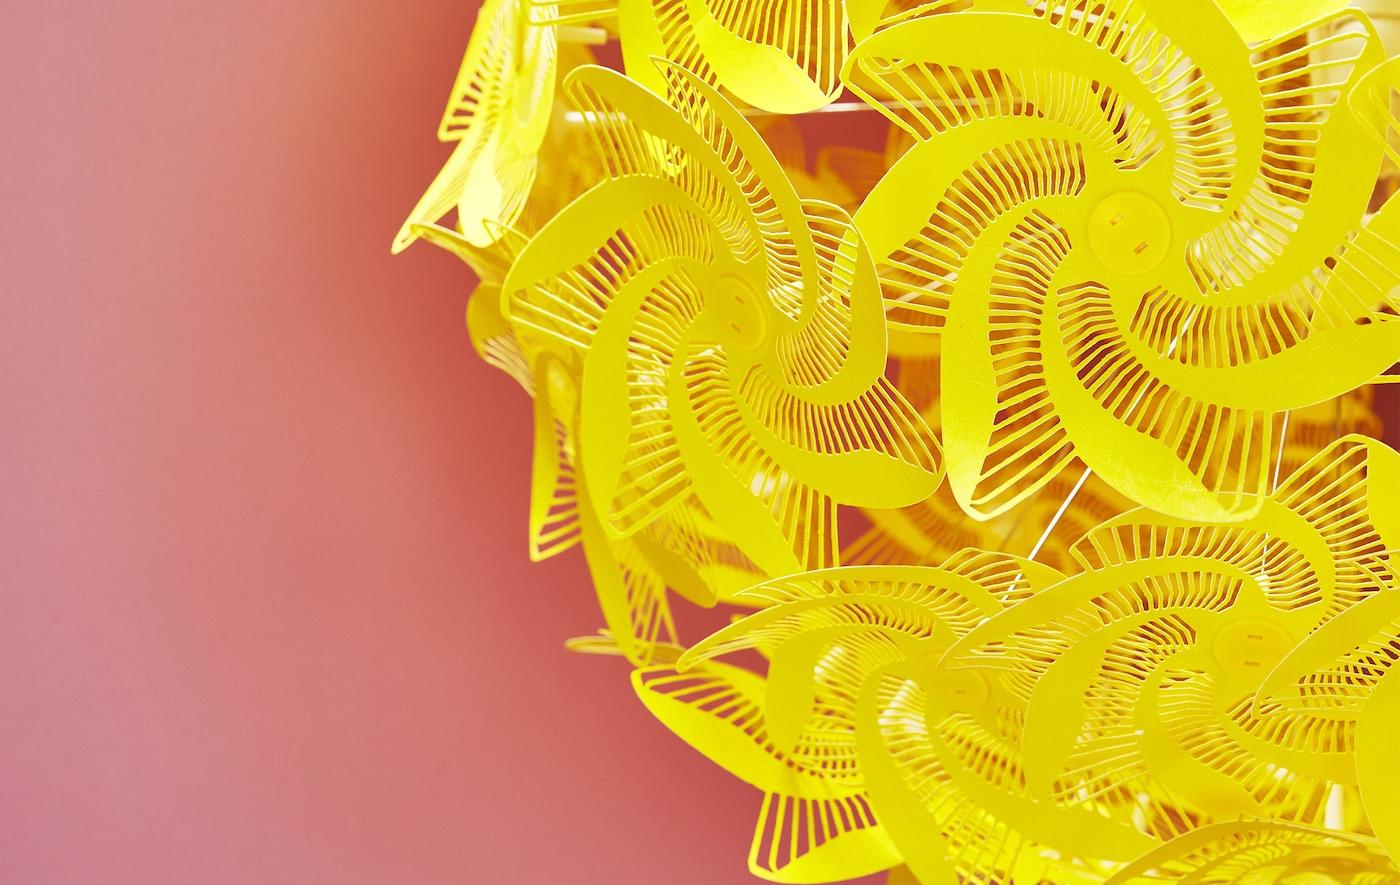 Lampada a sospensione gialla con motivo perforato su sfondo rosso - IKEA